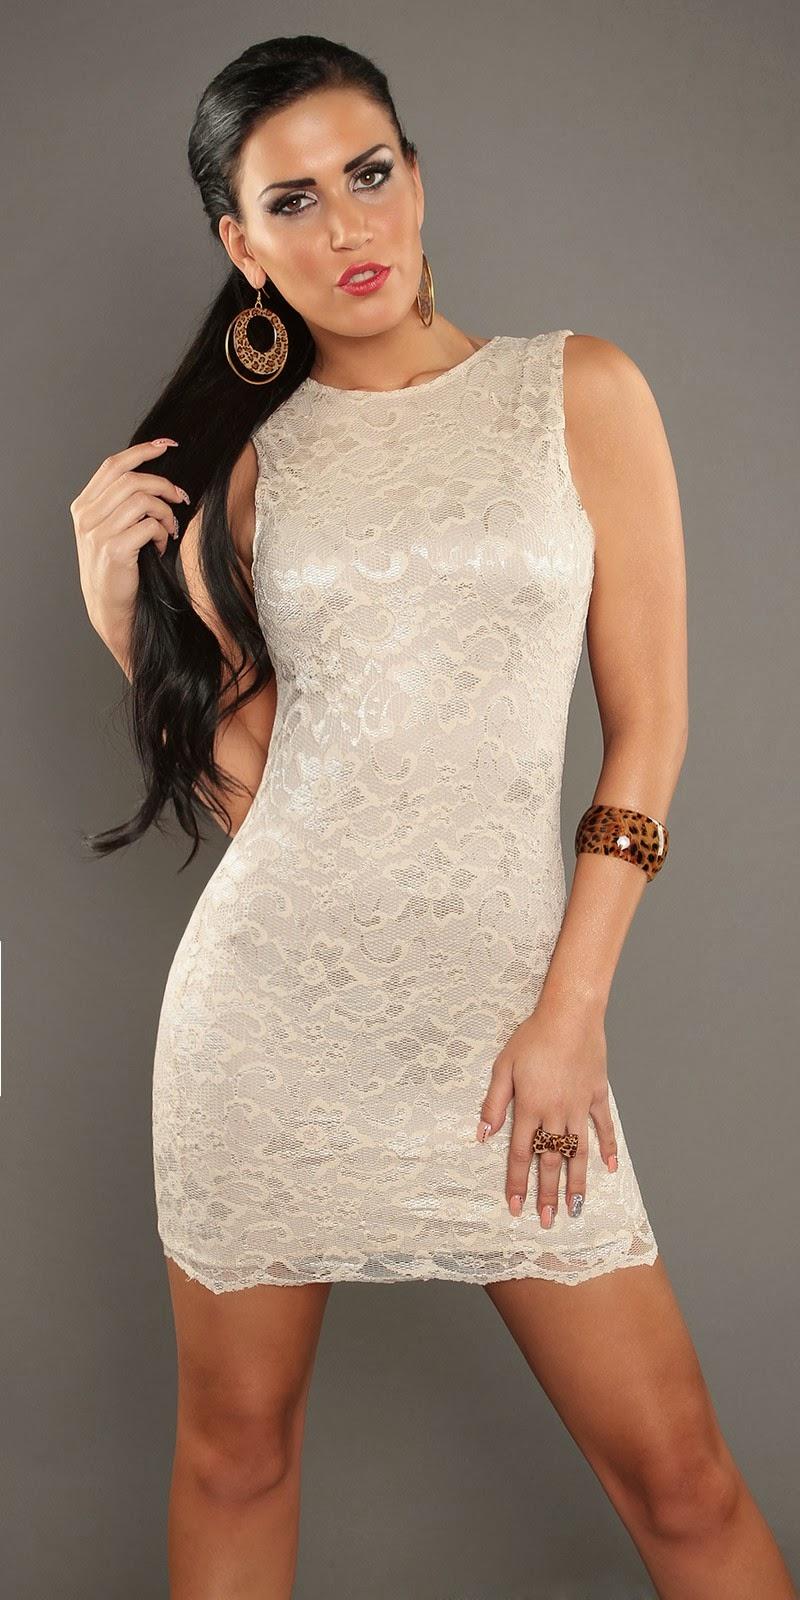 Modelos de vestidos cortos color beige